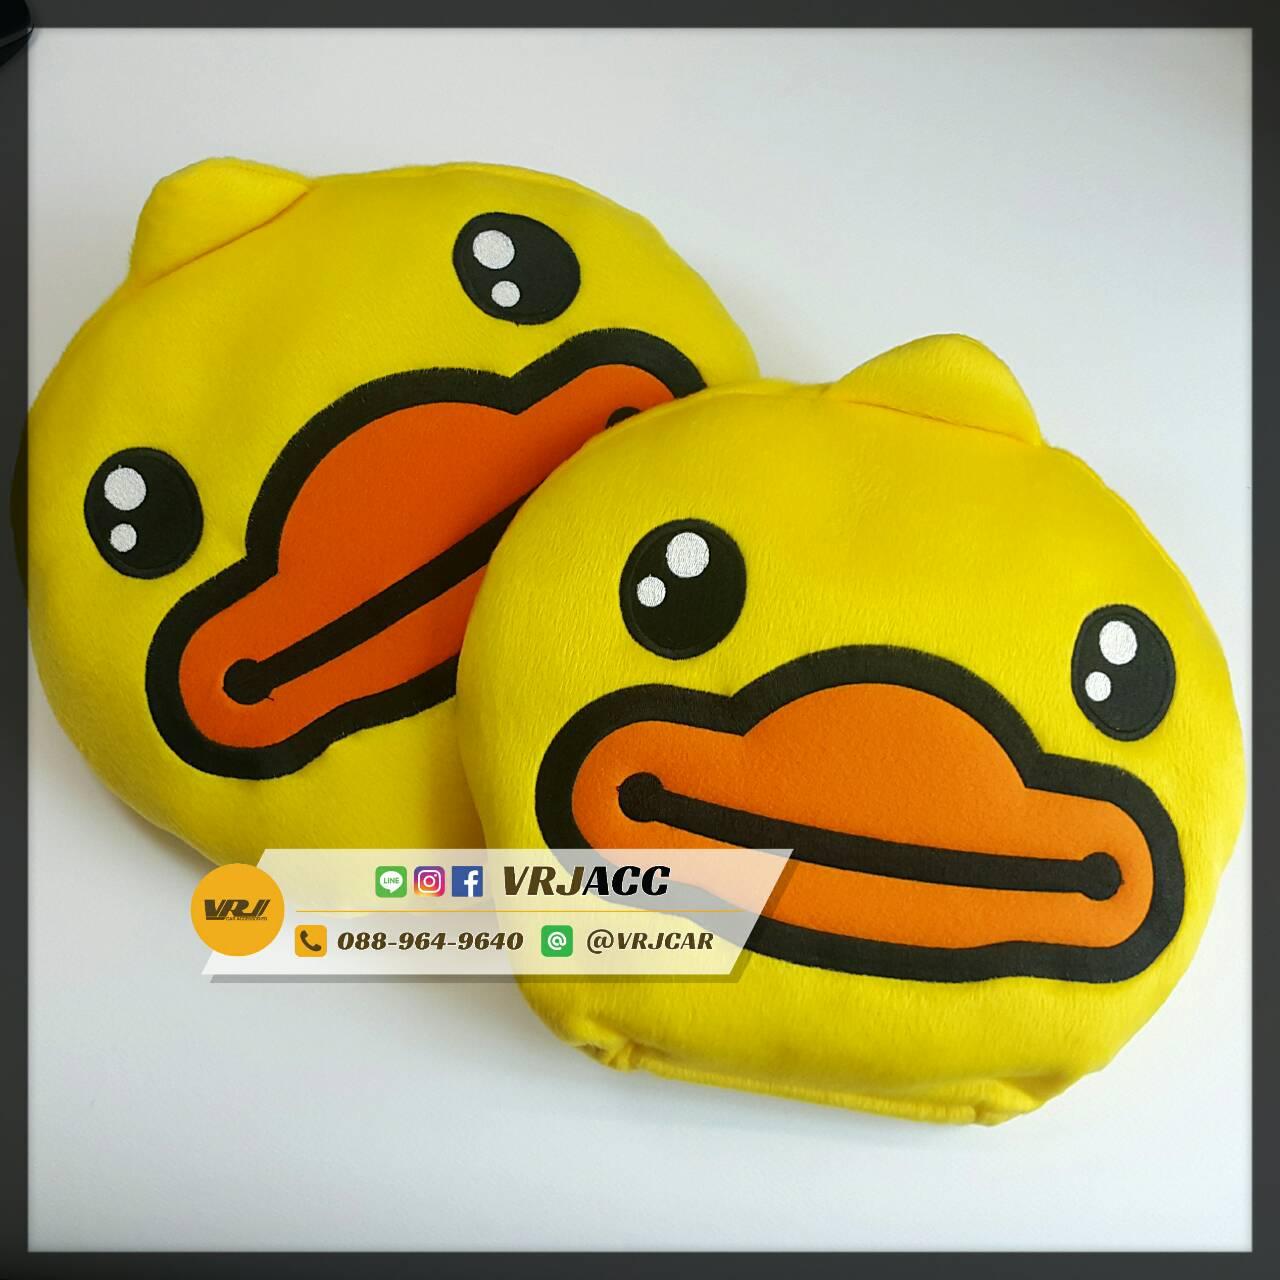 หัวเป็ดเหลือง B Duck หุ้มหัวหมอน (คู่) Neck Pad Cover